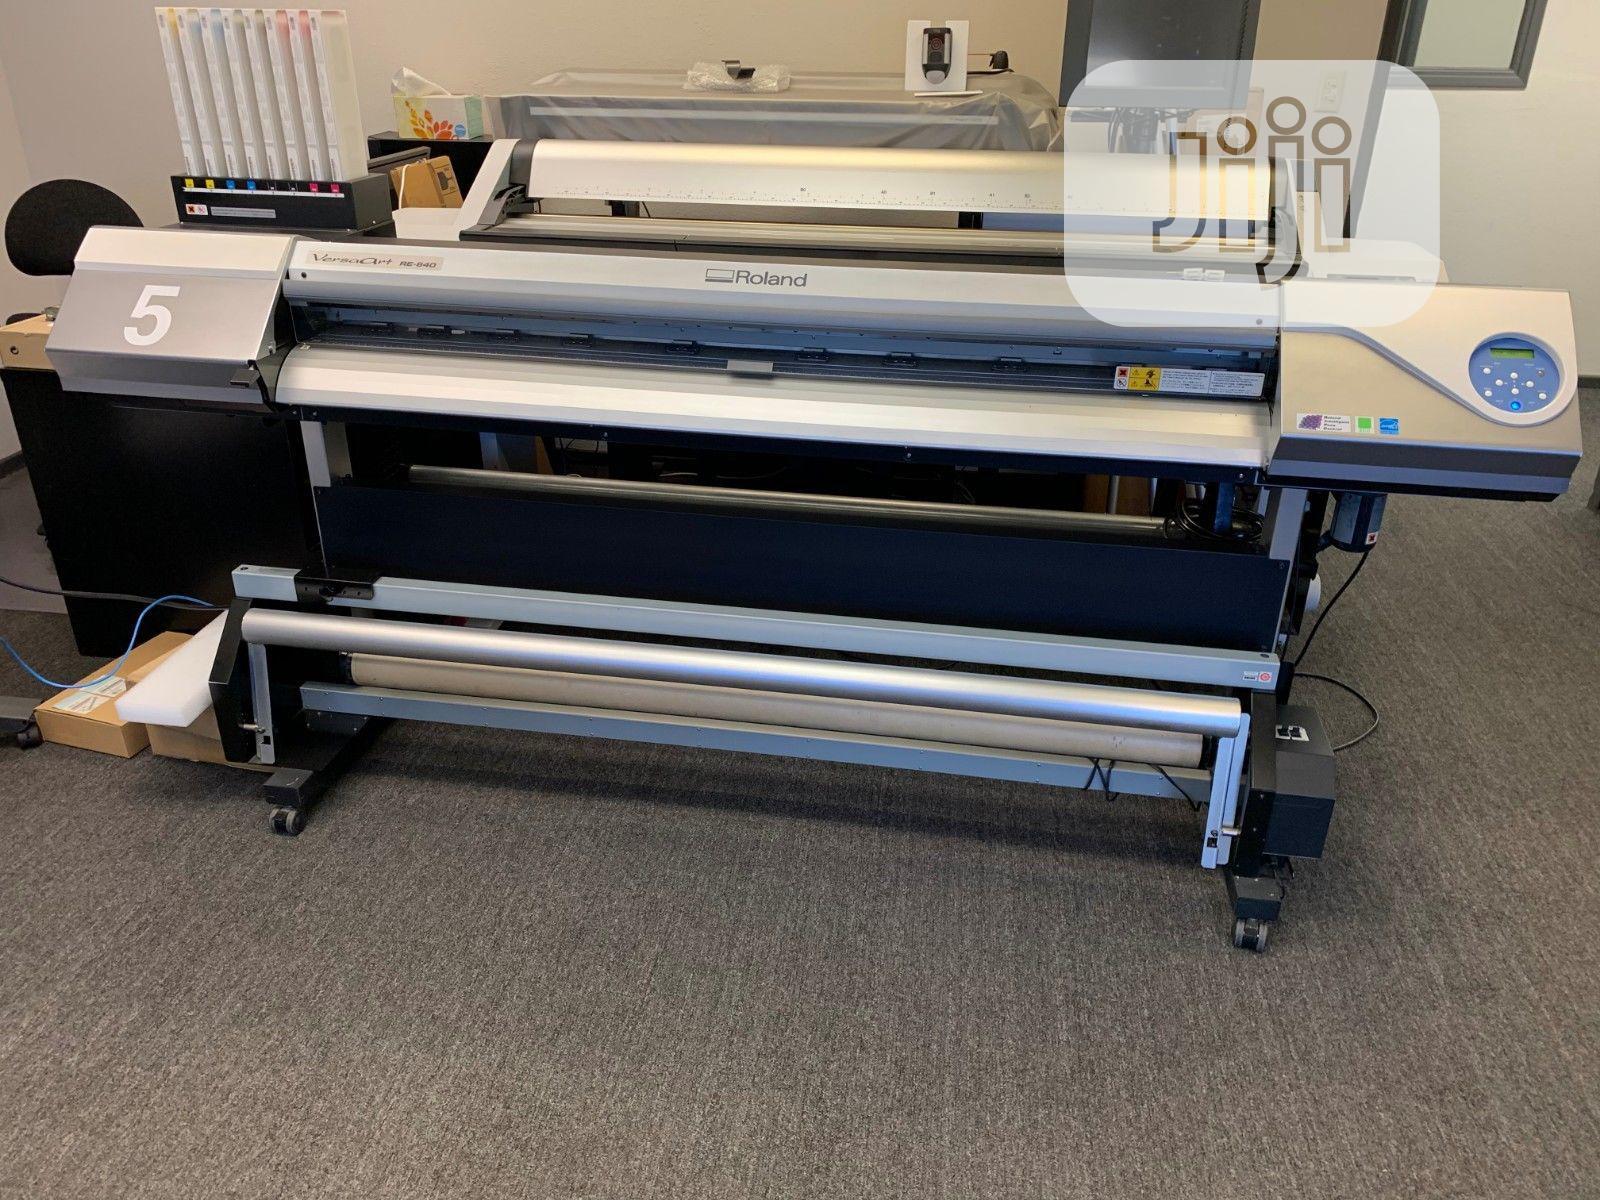 Roland 5 Feet Eco Solvent Printer